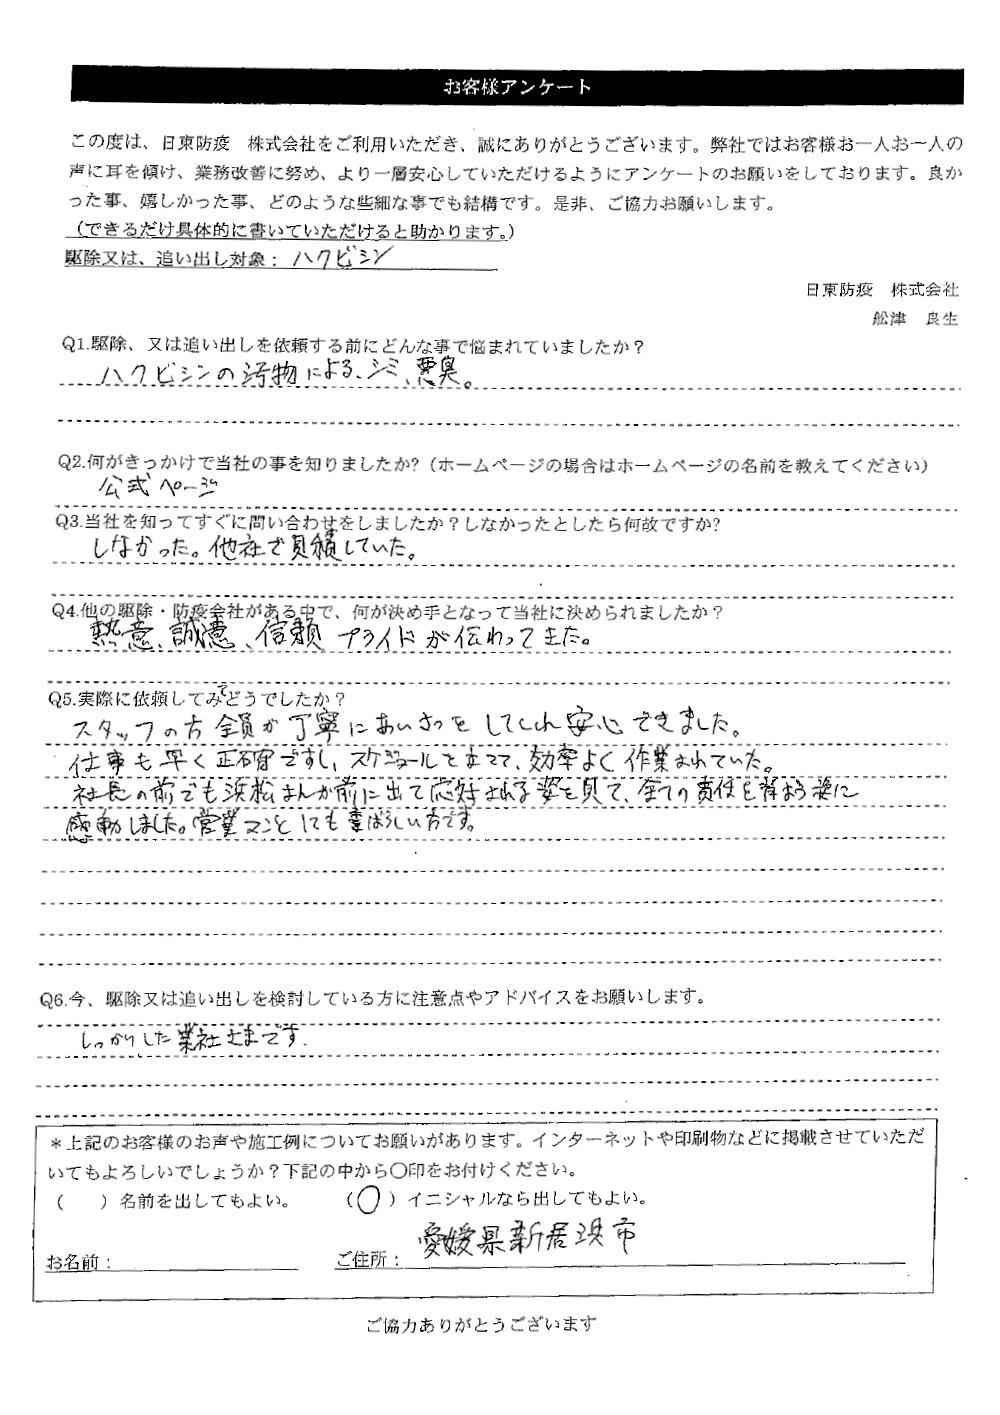 愛媛県新居浜市 H.K様